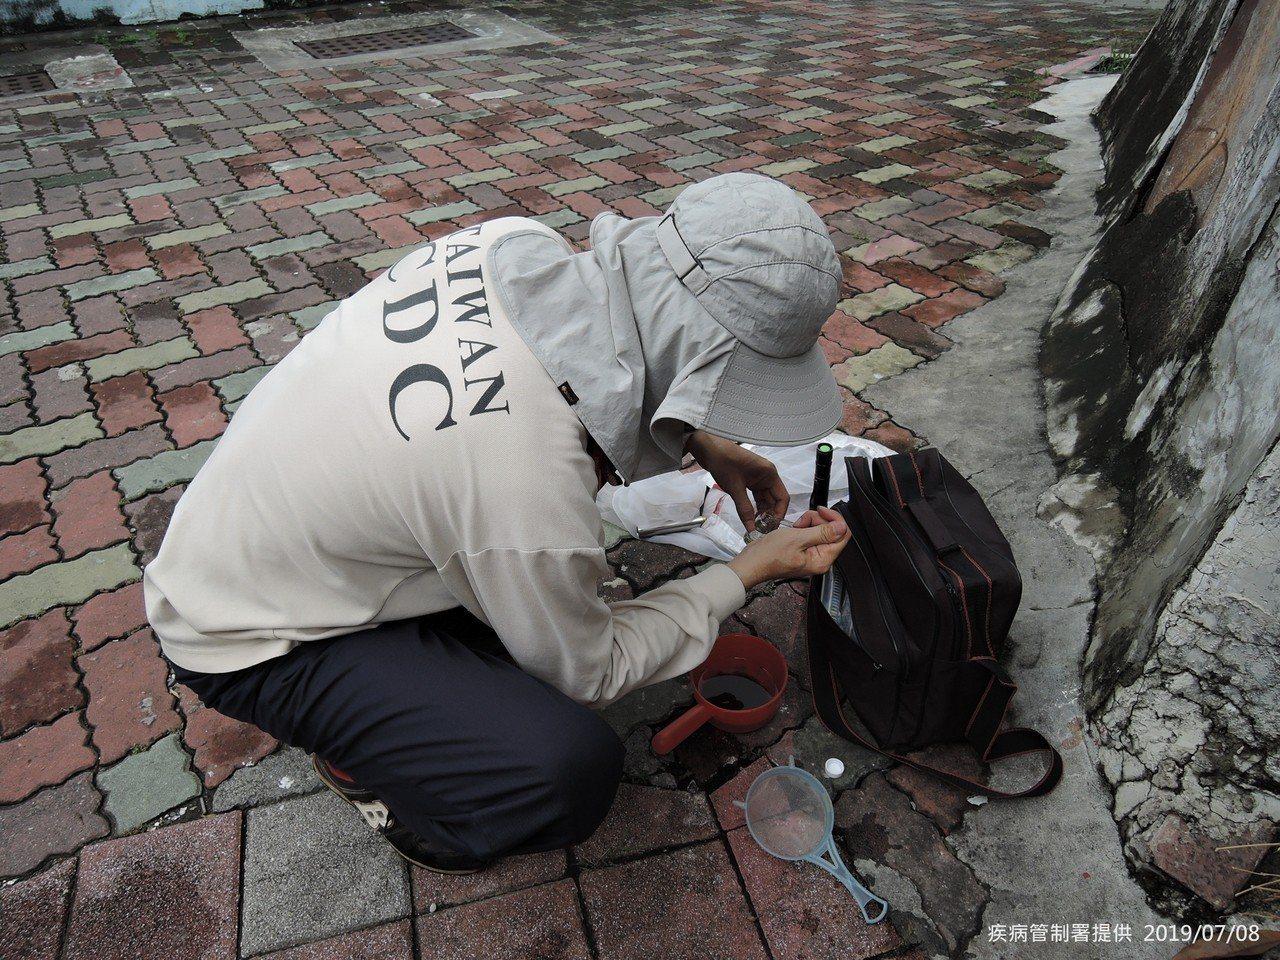 疾管署防疫人員於台南市中西區開山里執行孳生源查核。圖/疾管署提供